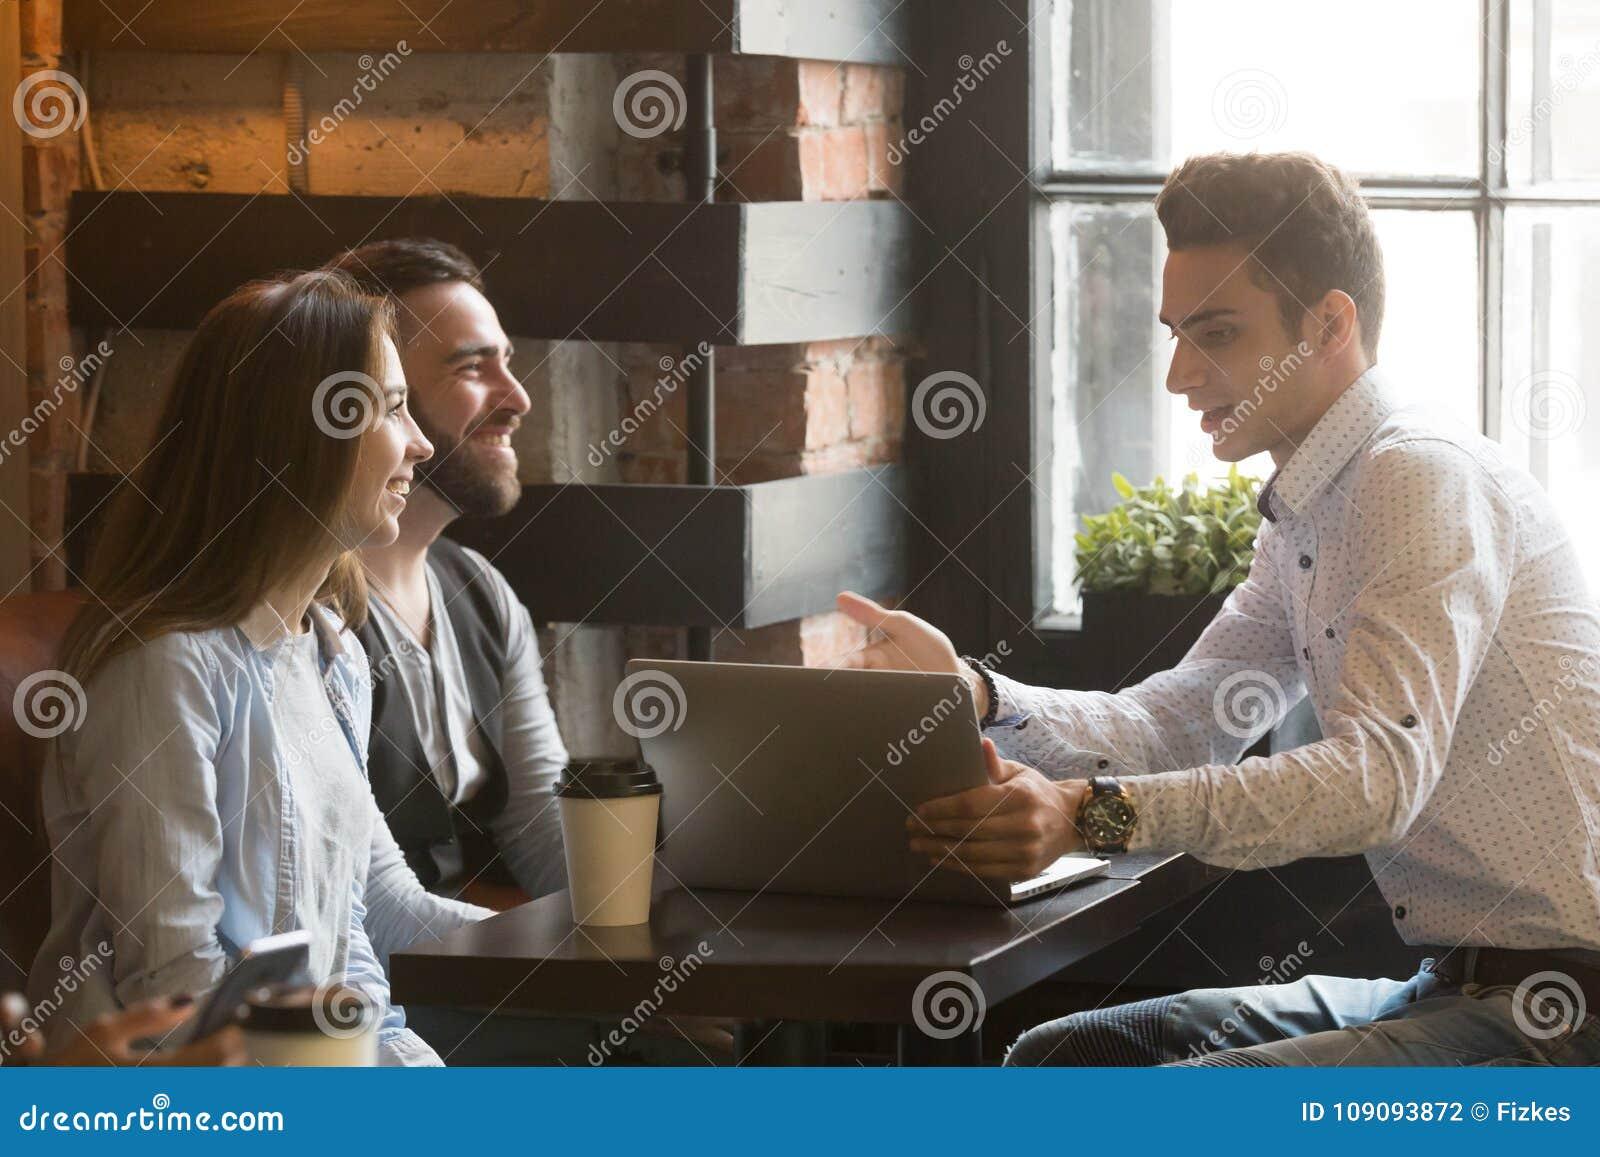 Ασφαλιστικός μεσίτης ή πωλητής που υποβάλλει την προσφορά να συνδέσει στον καφέ